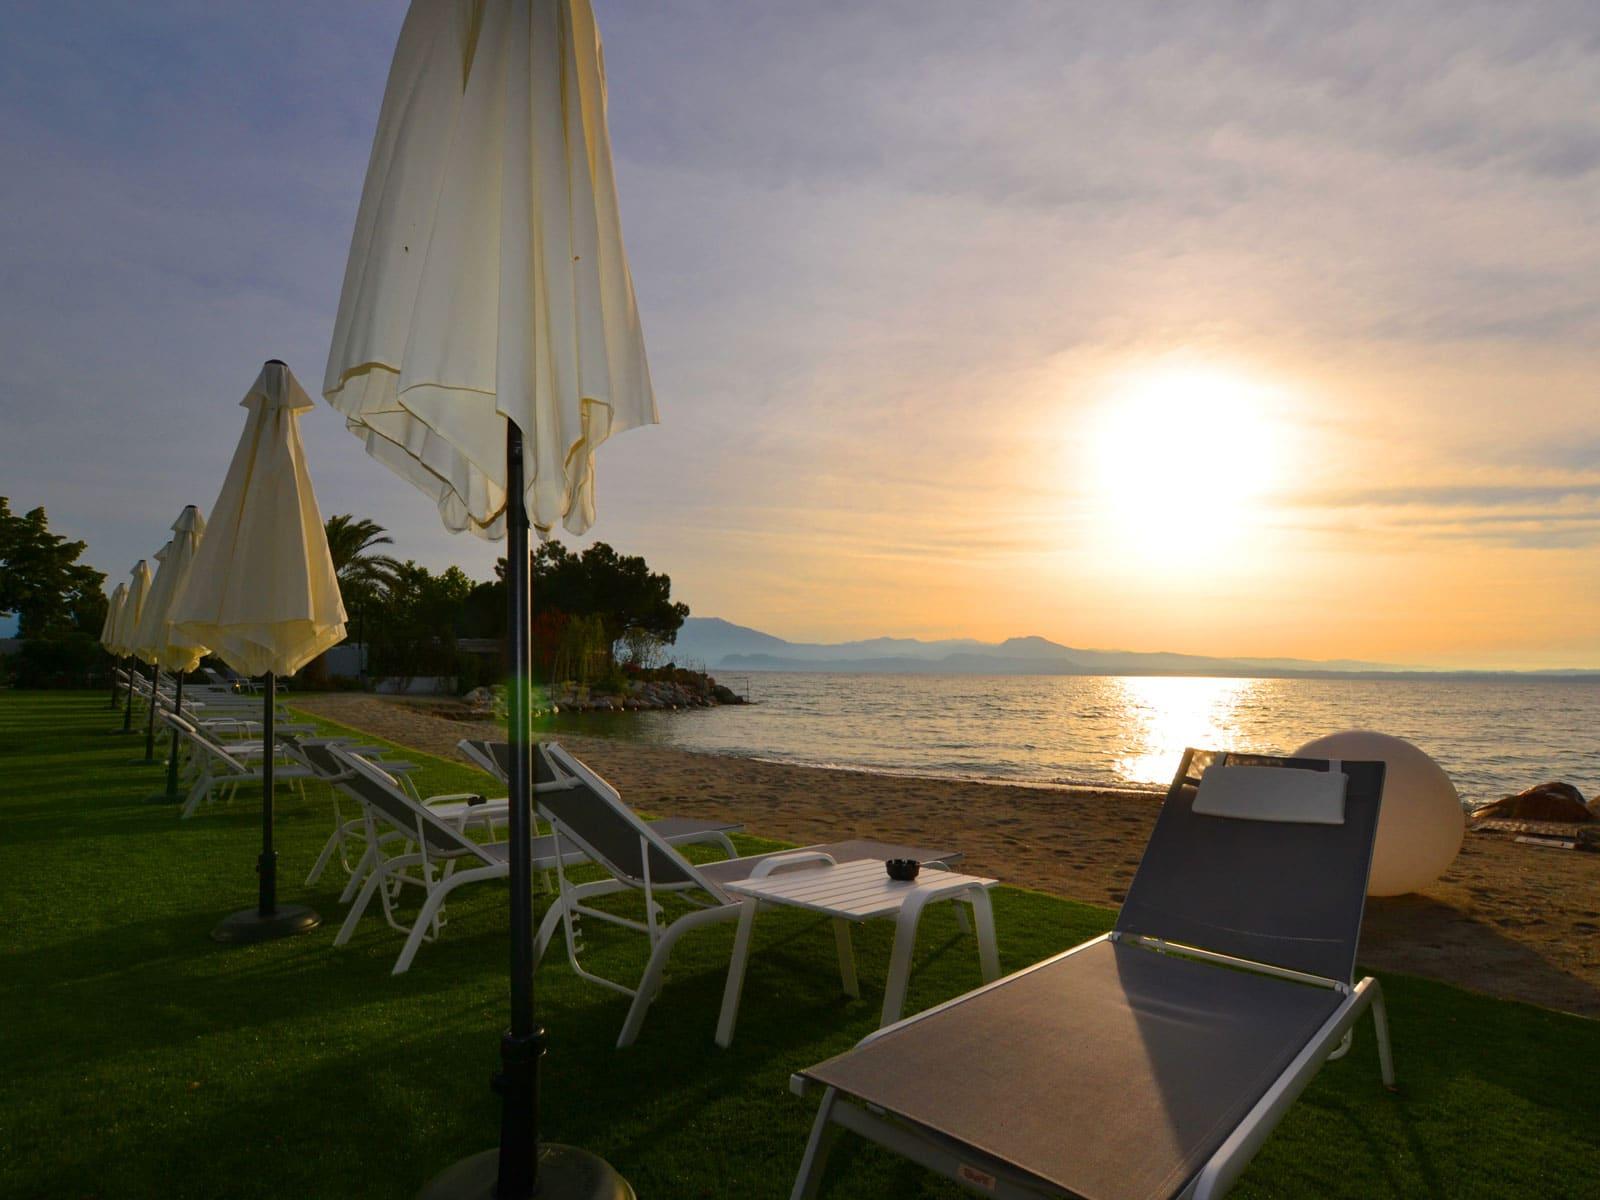 hotel sul lago di garda con spiaggia privata